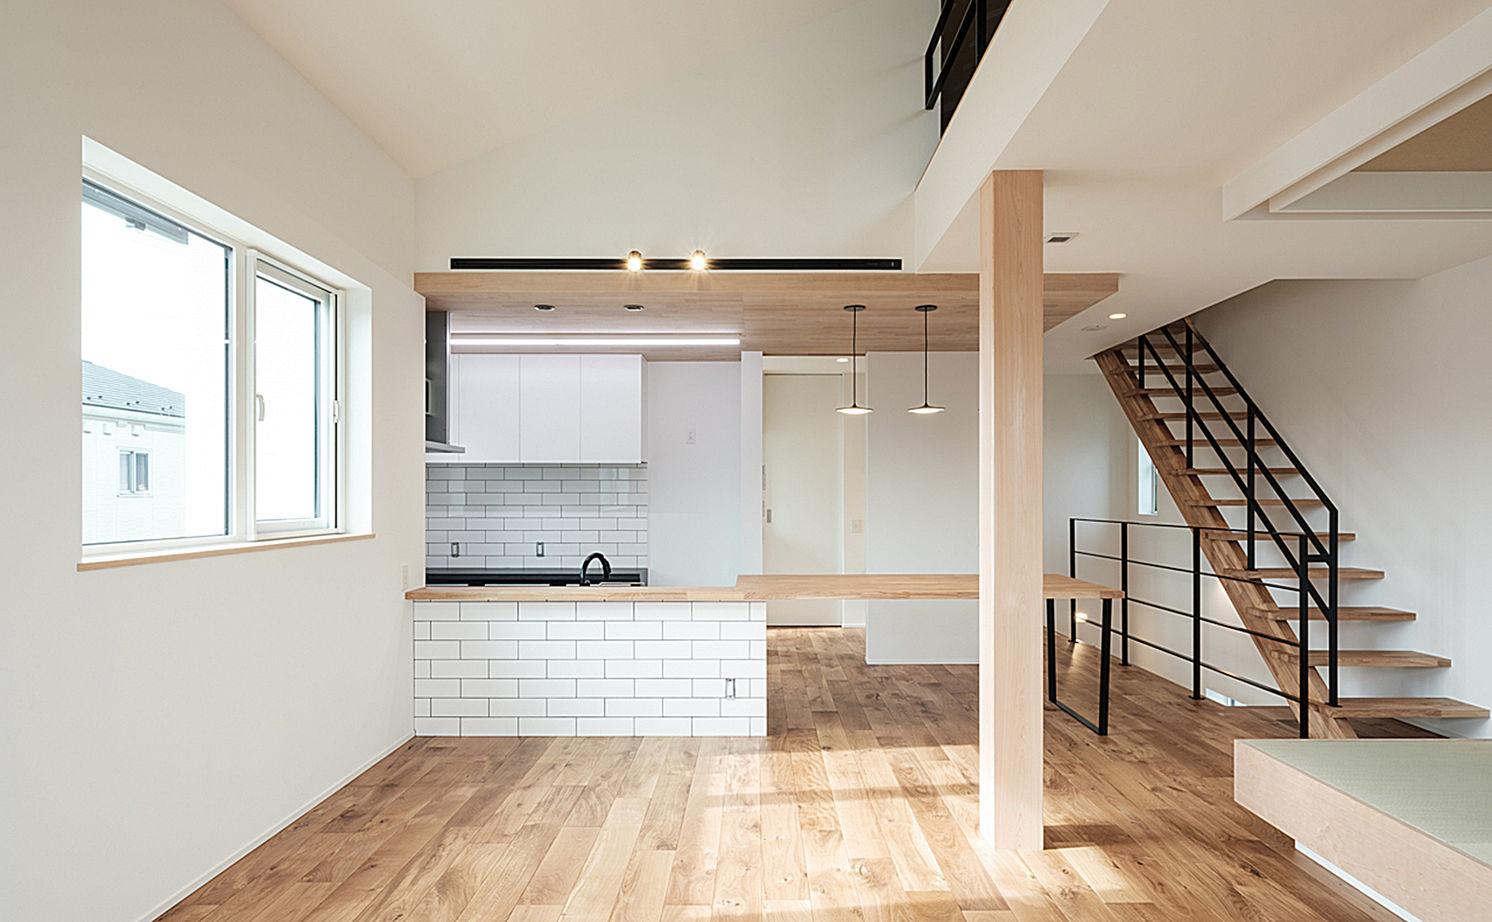 究極のシンプル・モダンを目指した2階リビングの家画像1